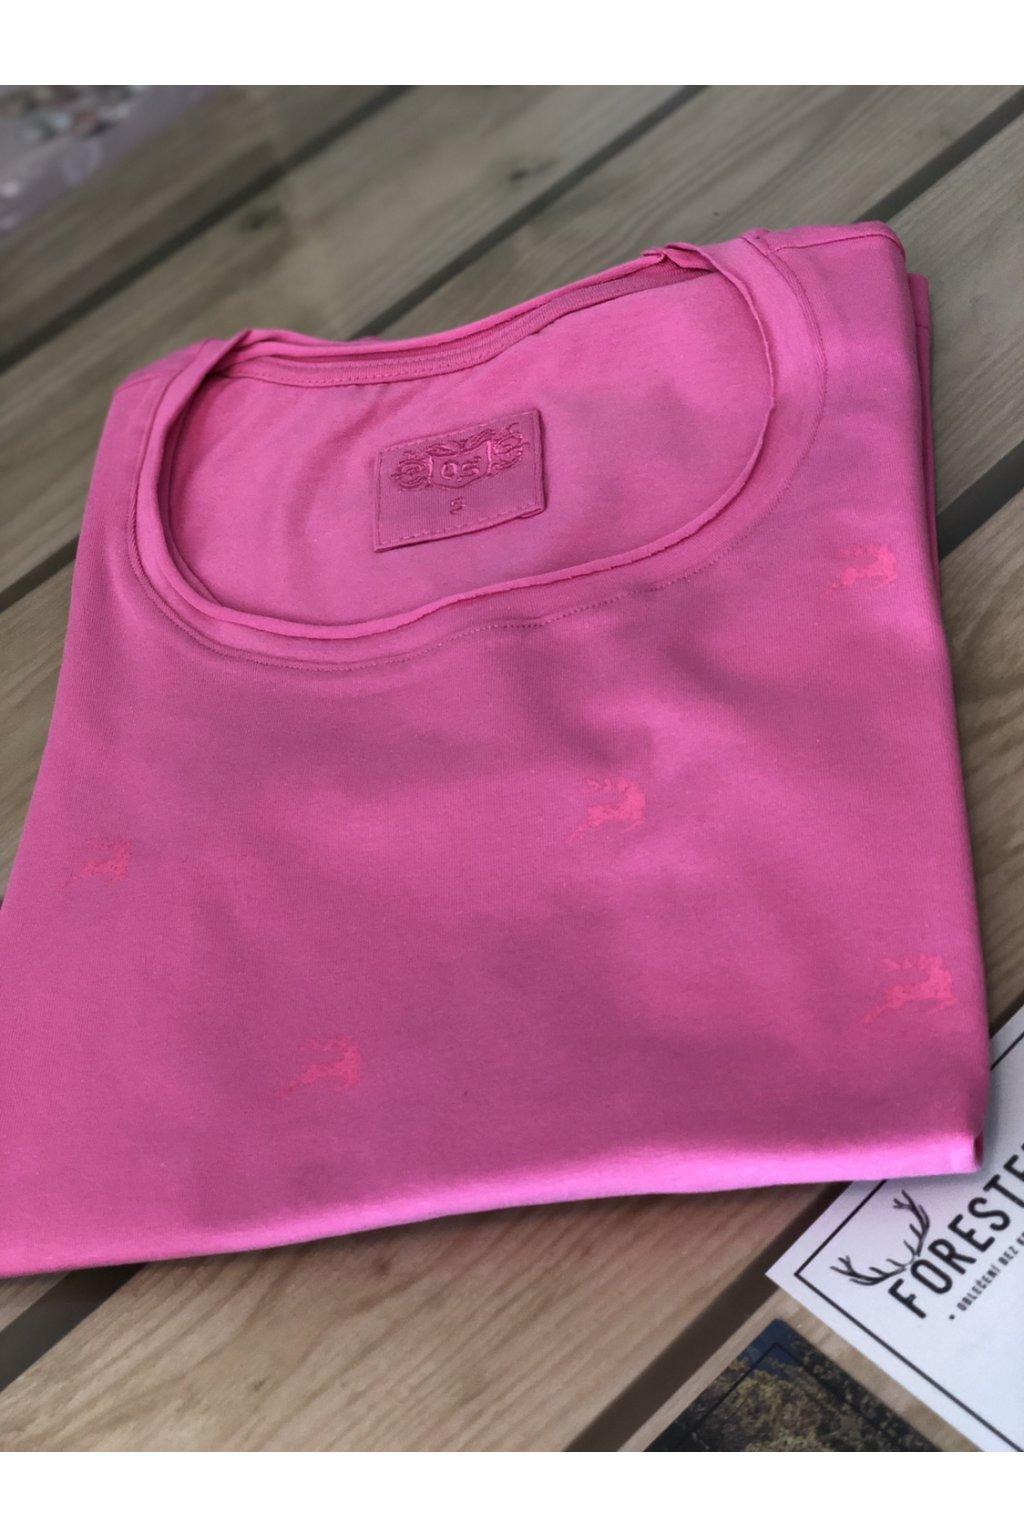 ORBIS - tričko dámské růžové jelen